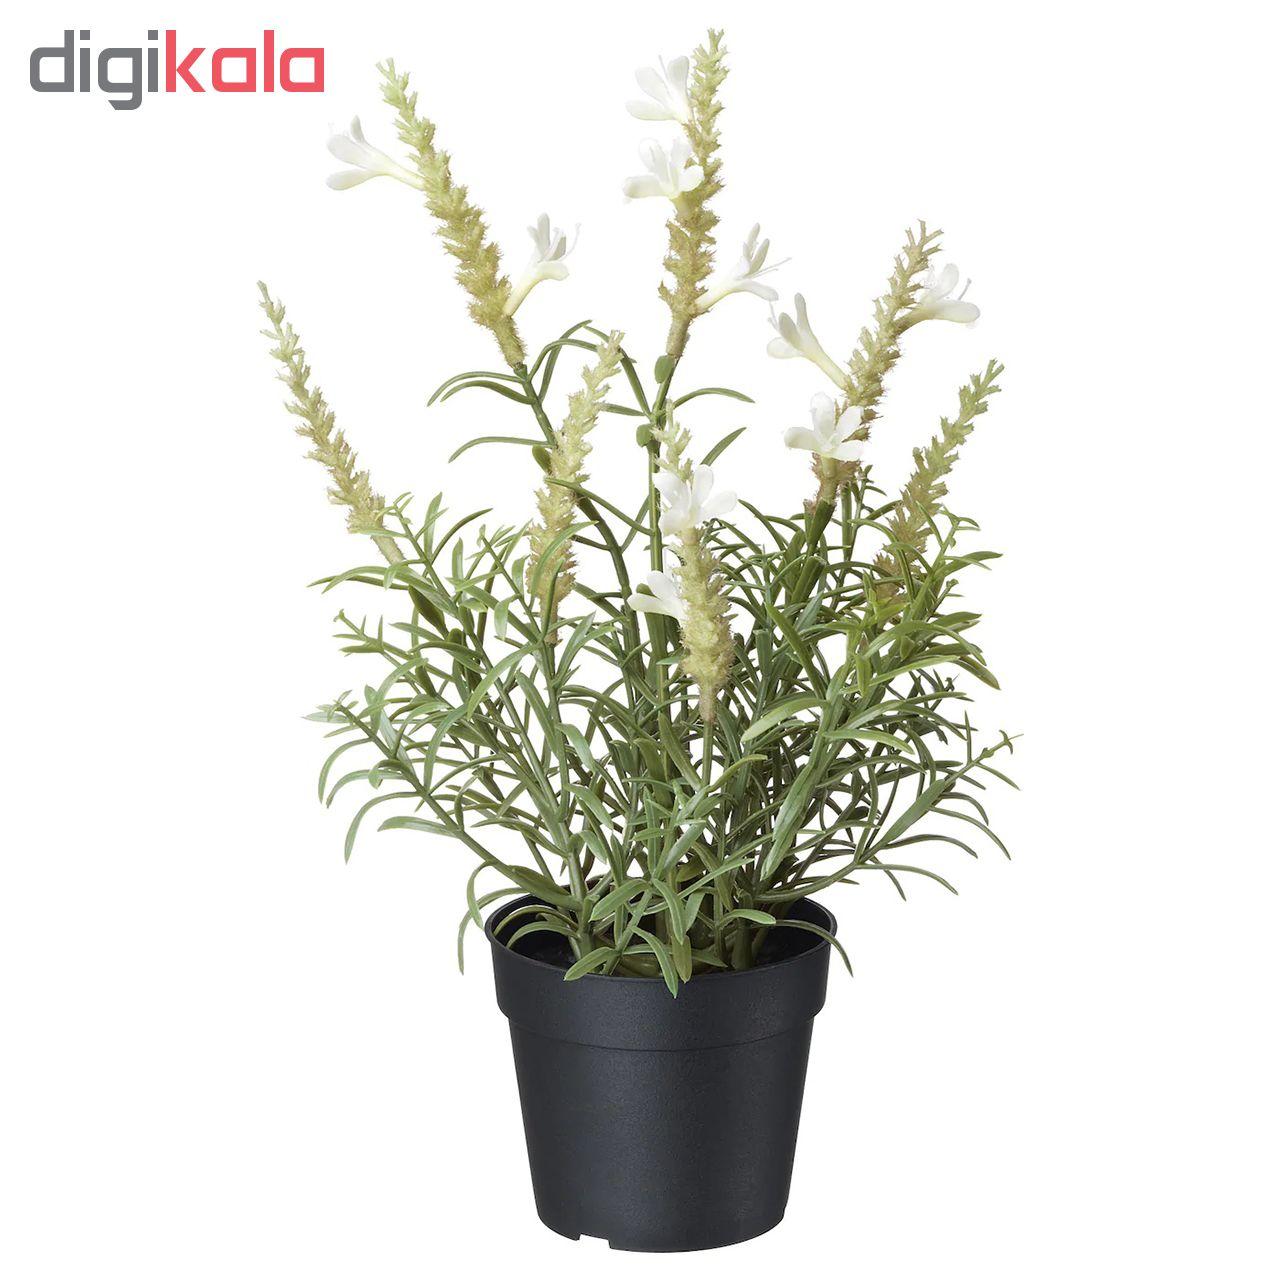 گلدان به همراه گل مصنوعی ایکیا مدل Fejka 80429516 main 1 1